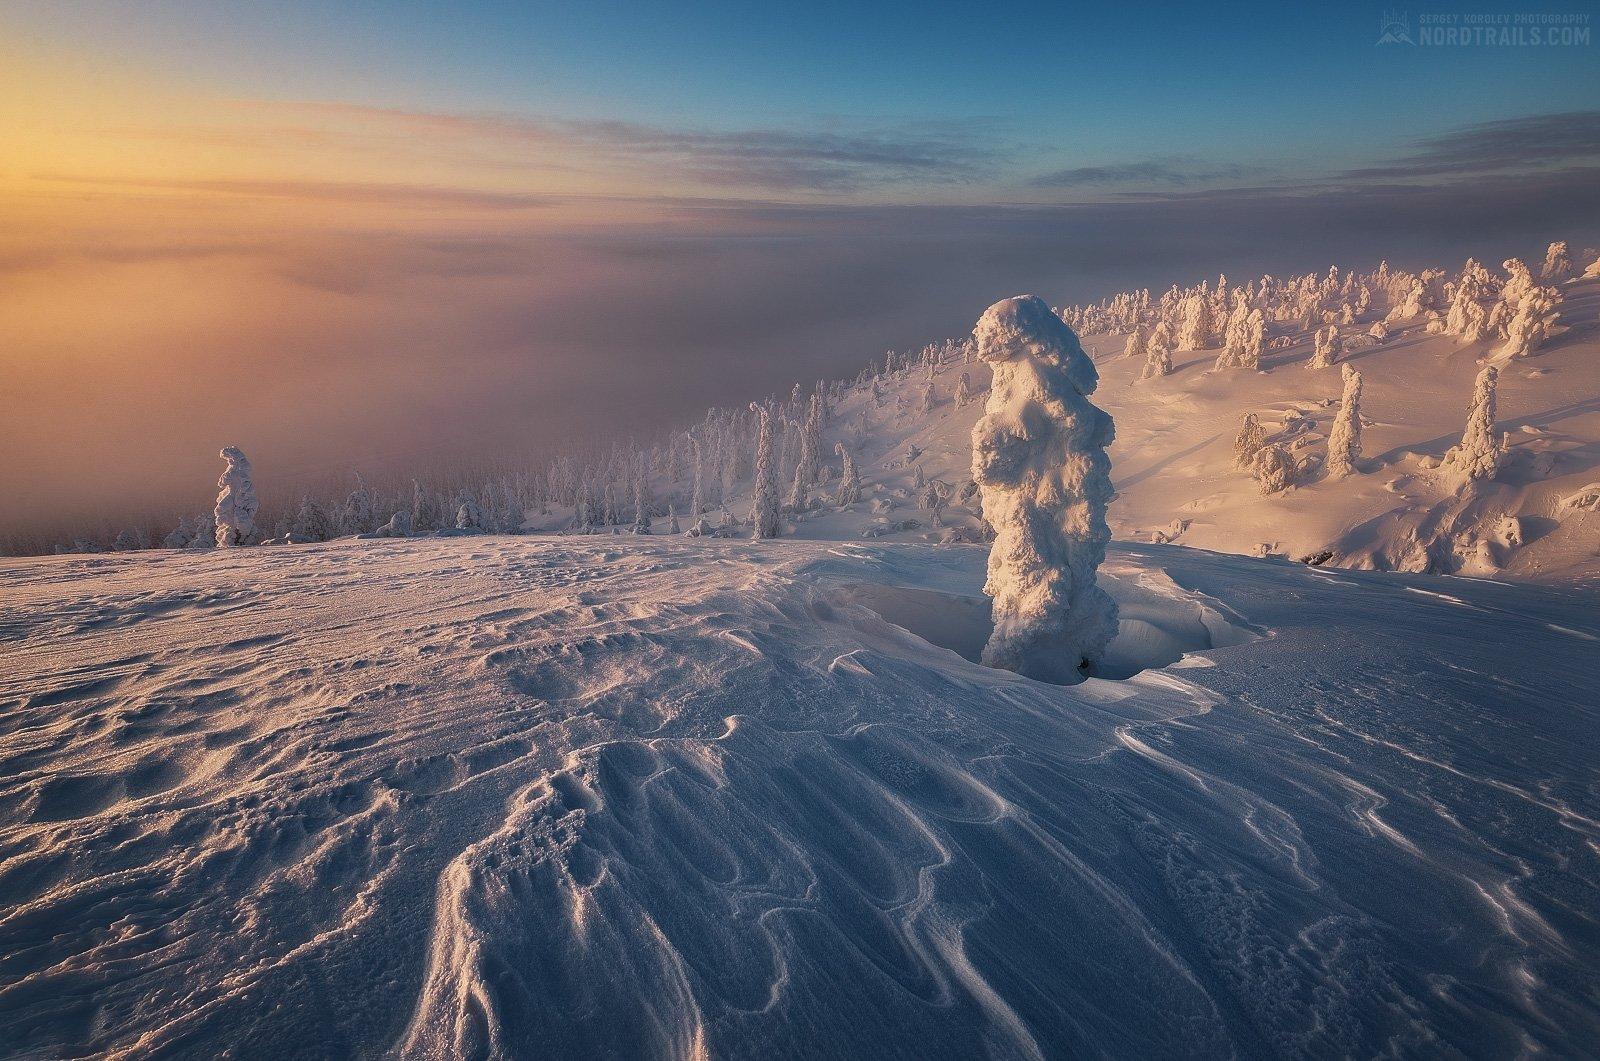 кольский, кольский полуостров, кандалакша, зима, winter, snow, north, Королев Сергей